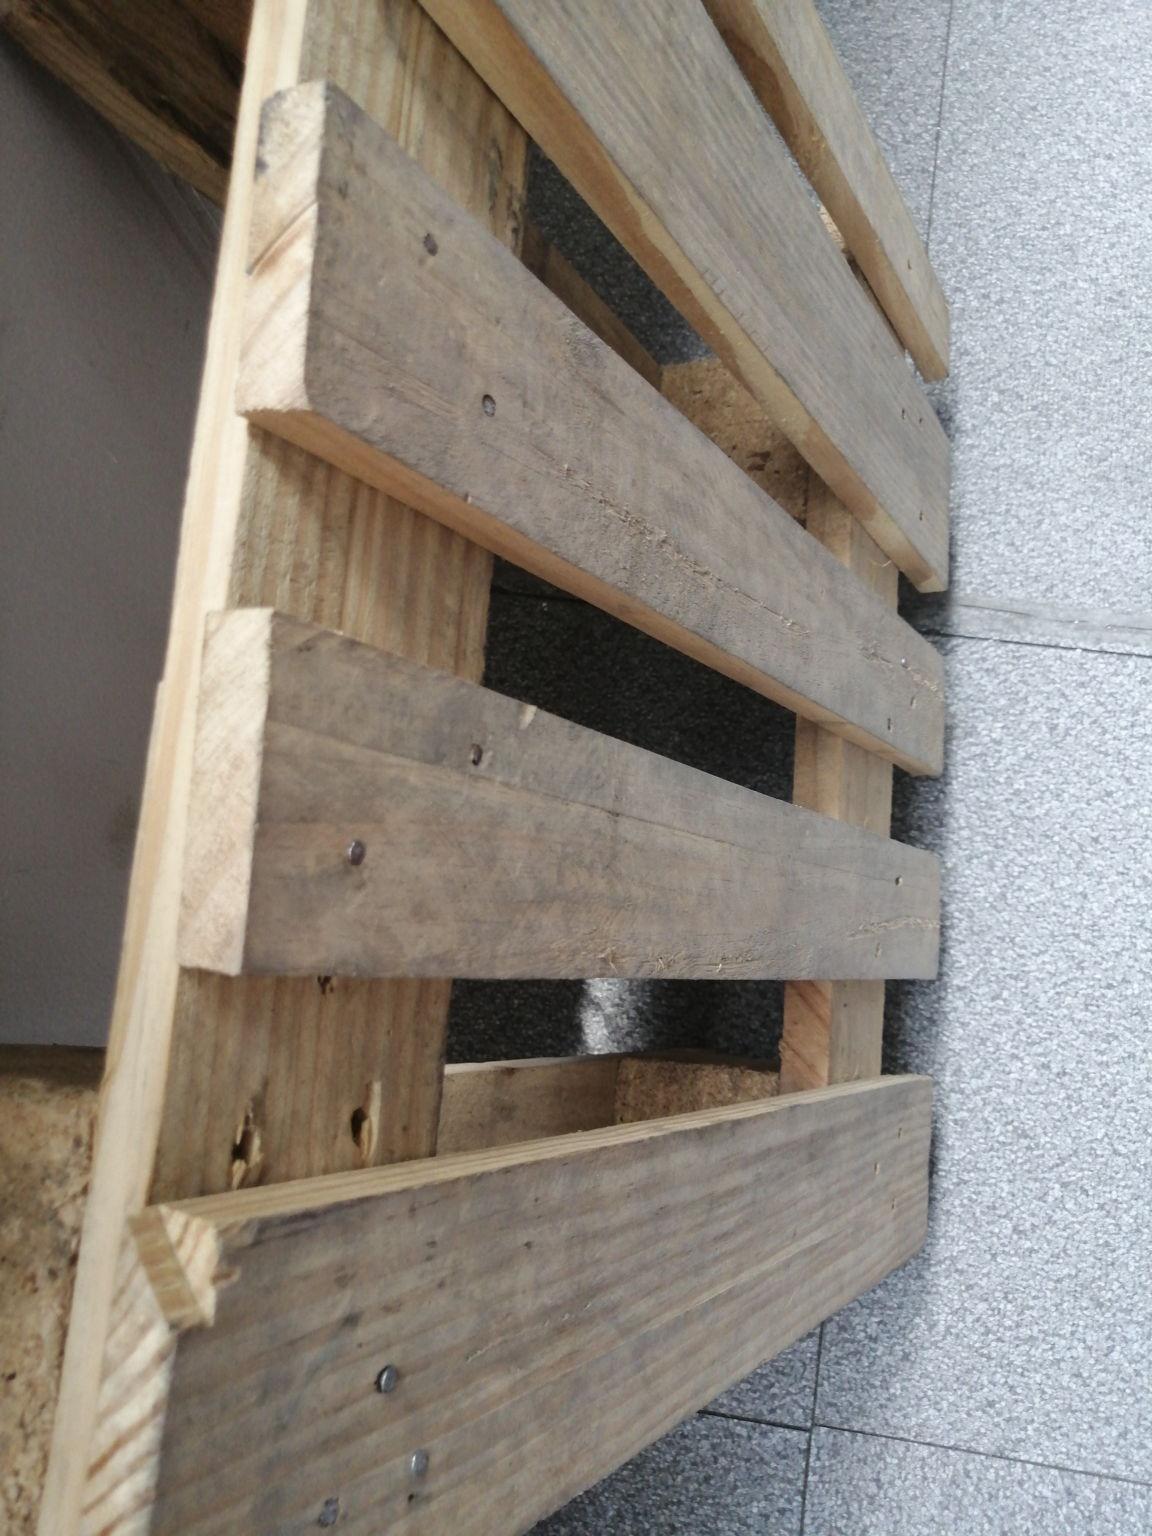 绍兴木托盘箱厂家深圳木托盘回收垃圾箱2.125万台